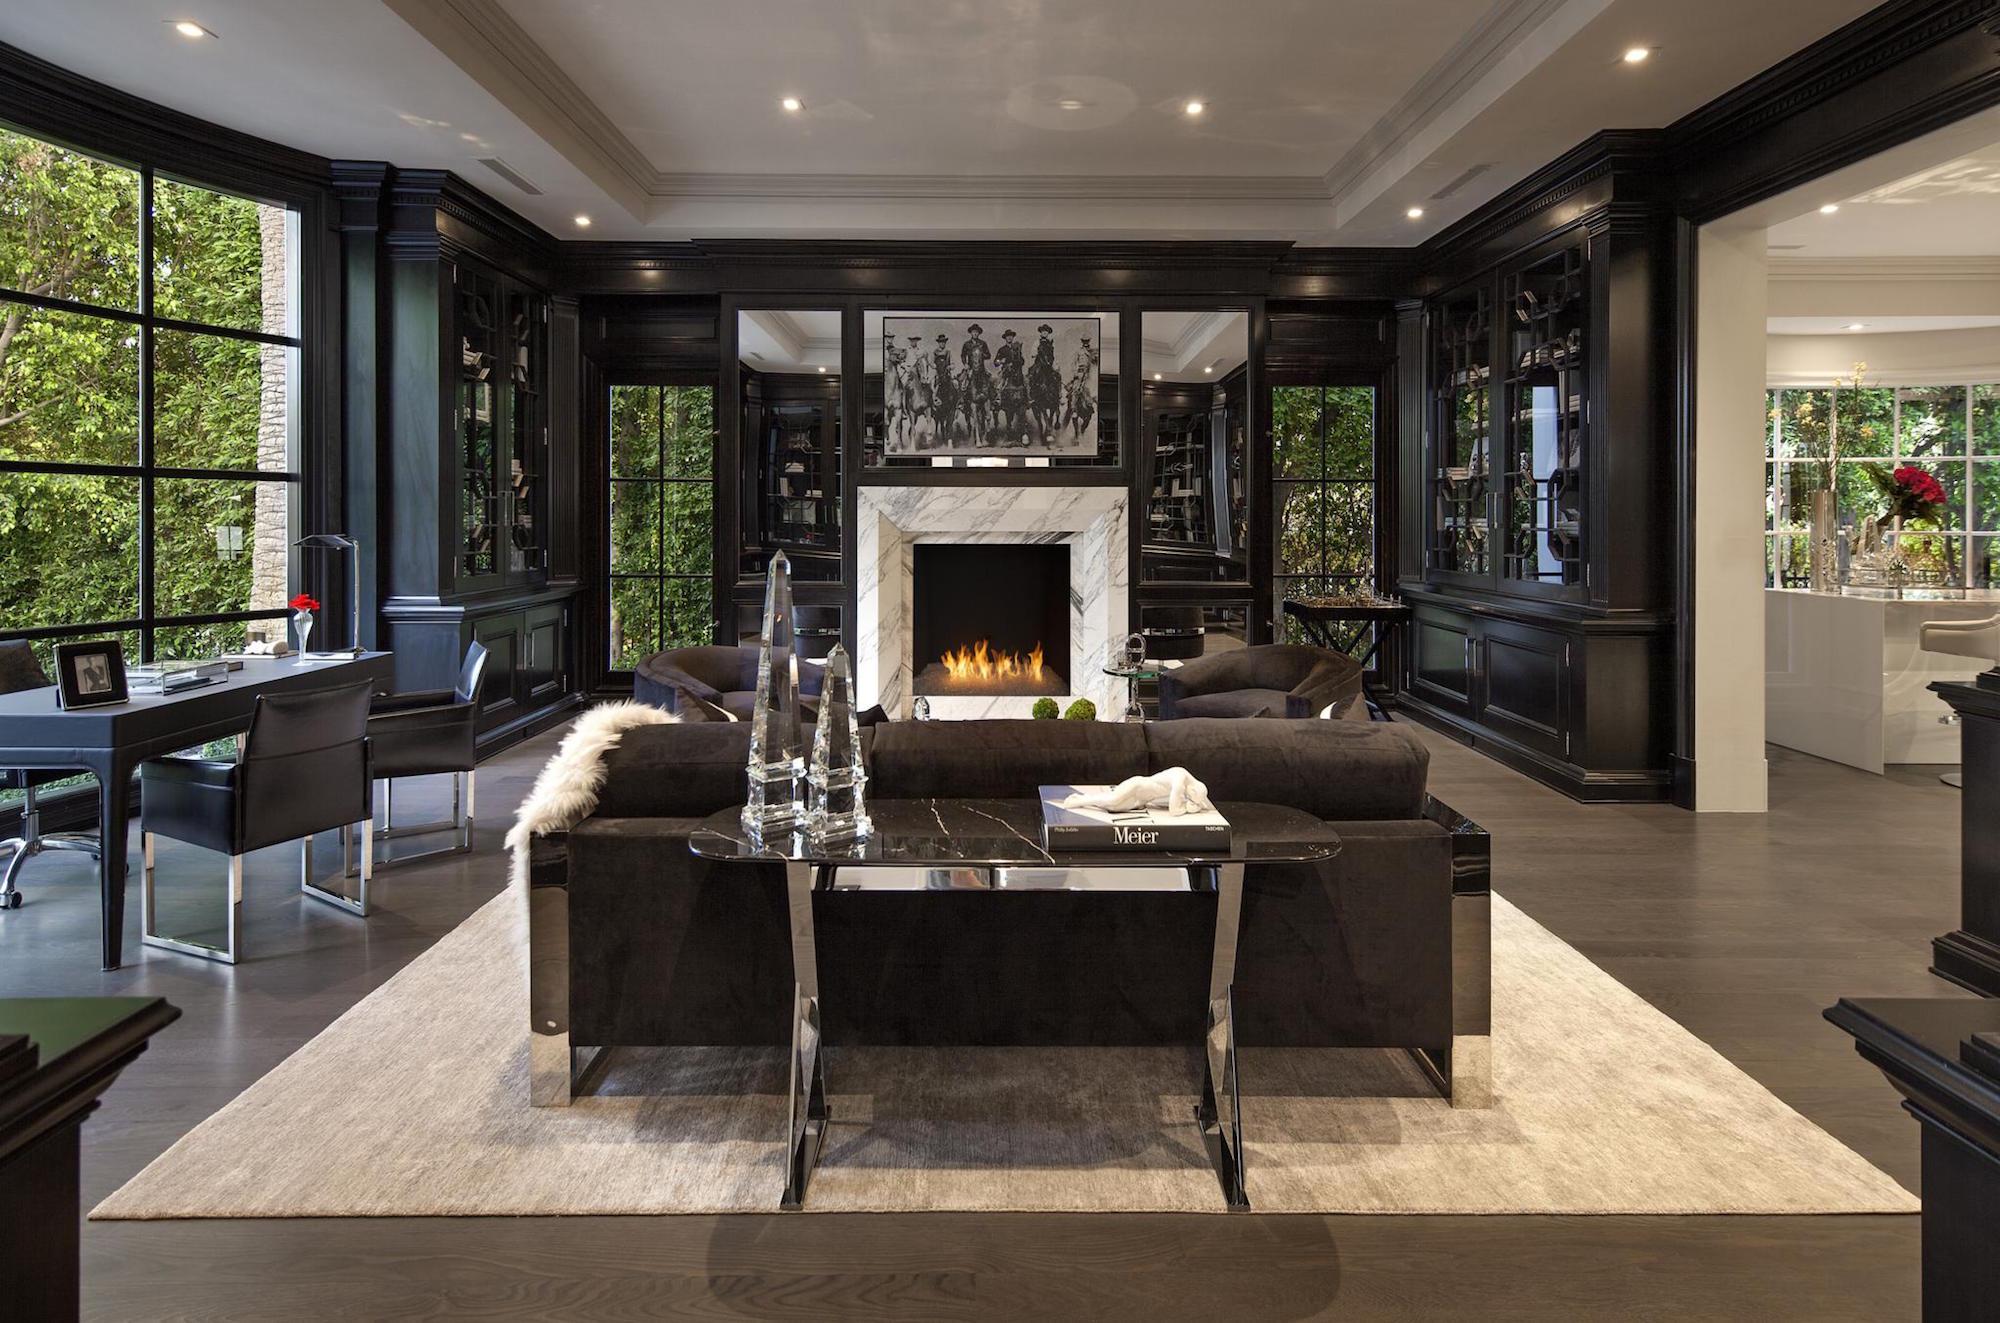 Das Beste für den Champ: Floyd Mayweather kauft Anwesen in Beverly Hills 4